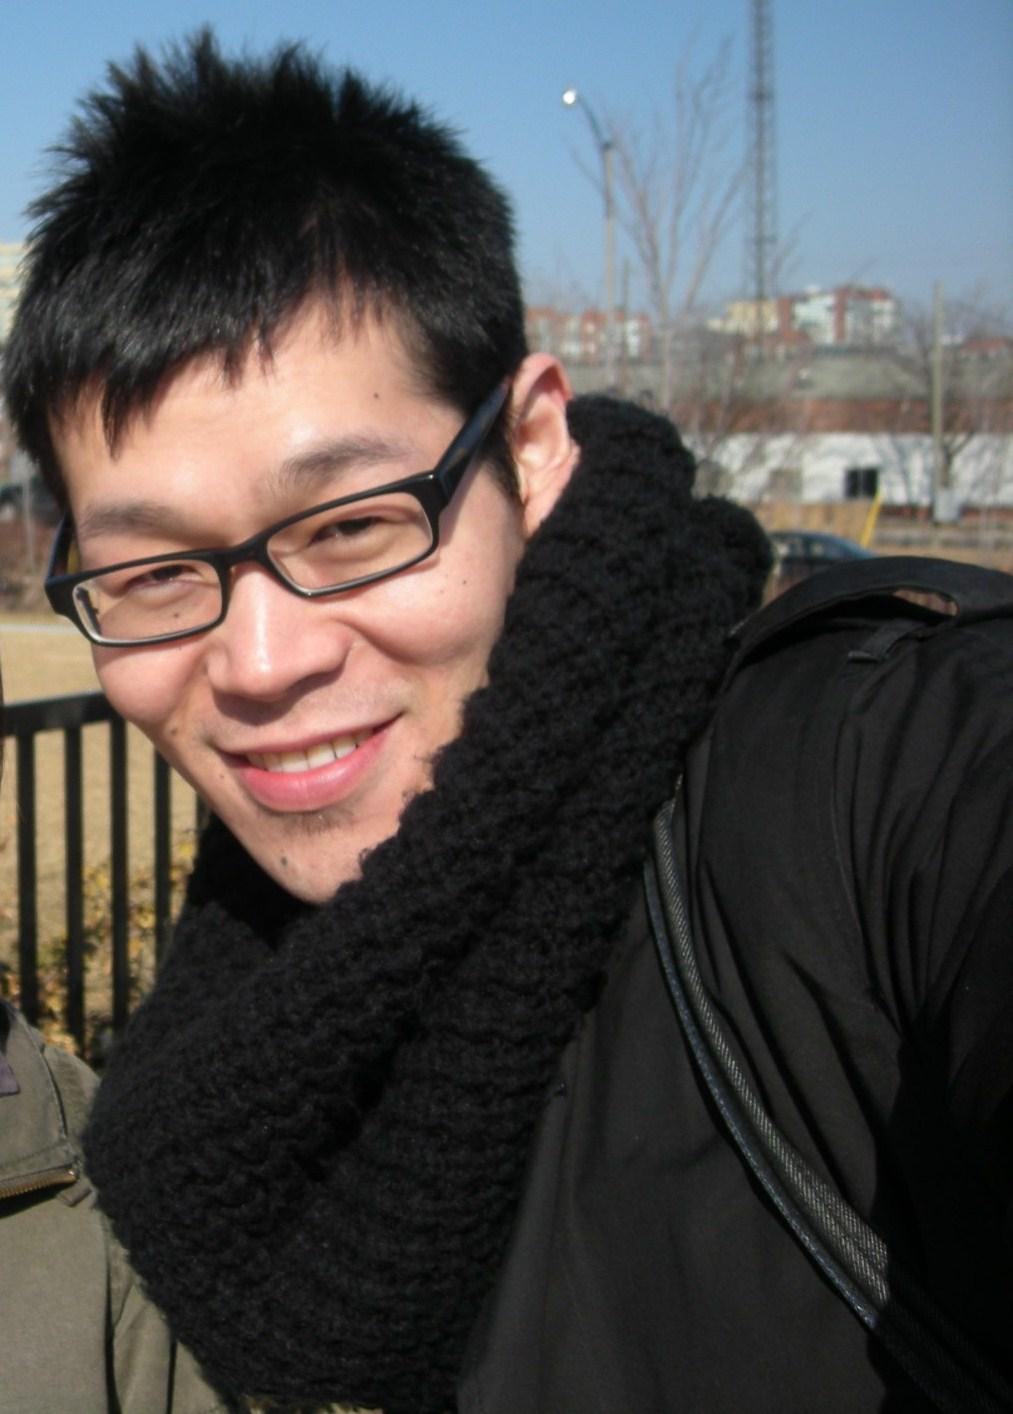 Shintaro Tokairin